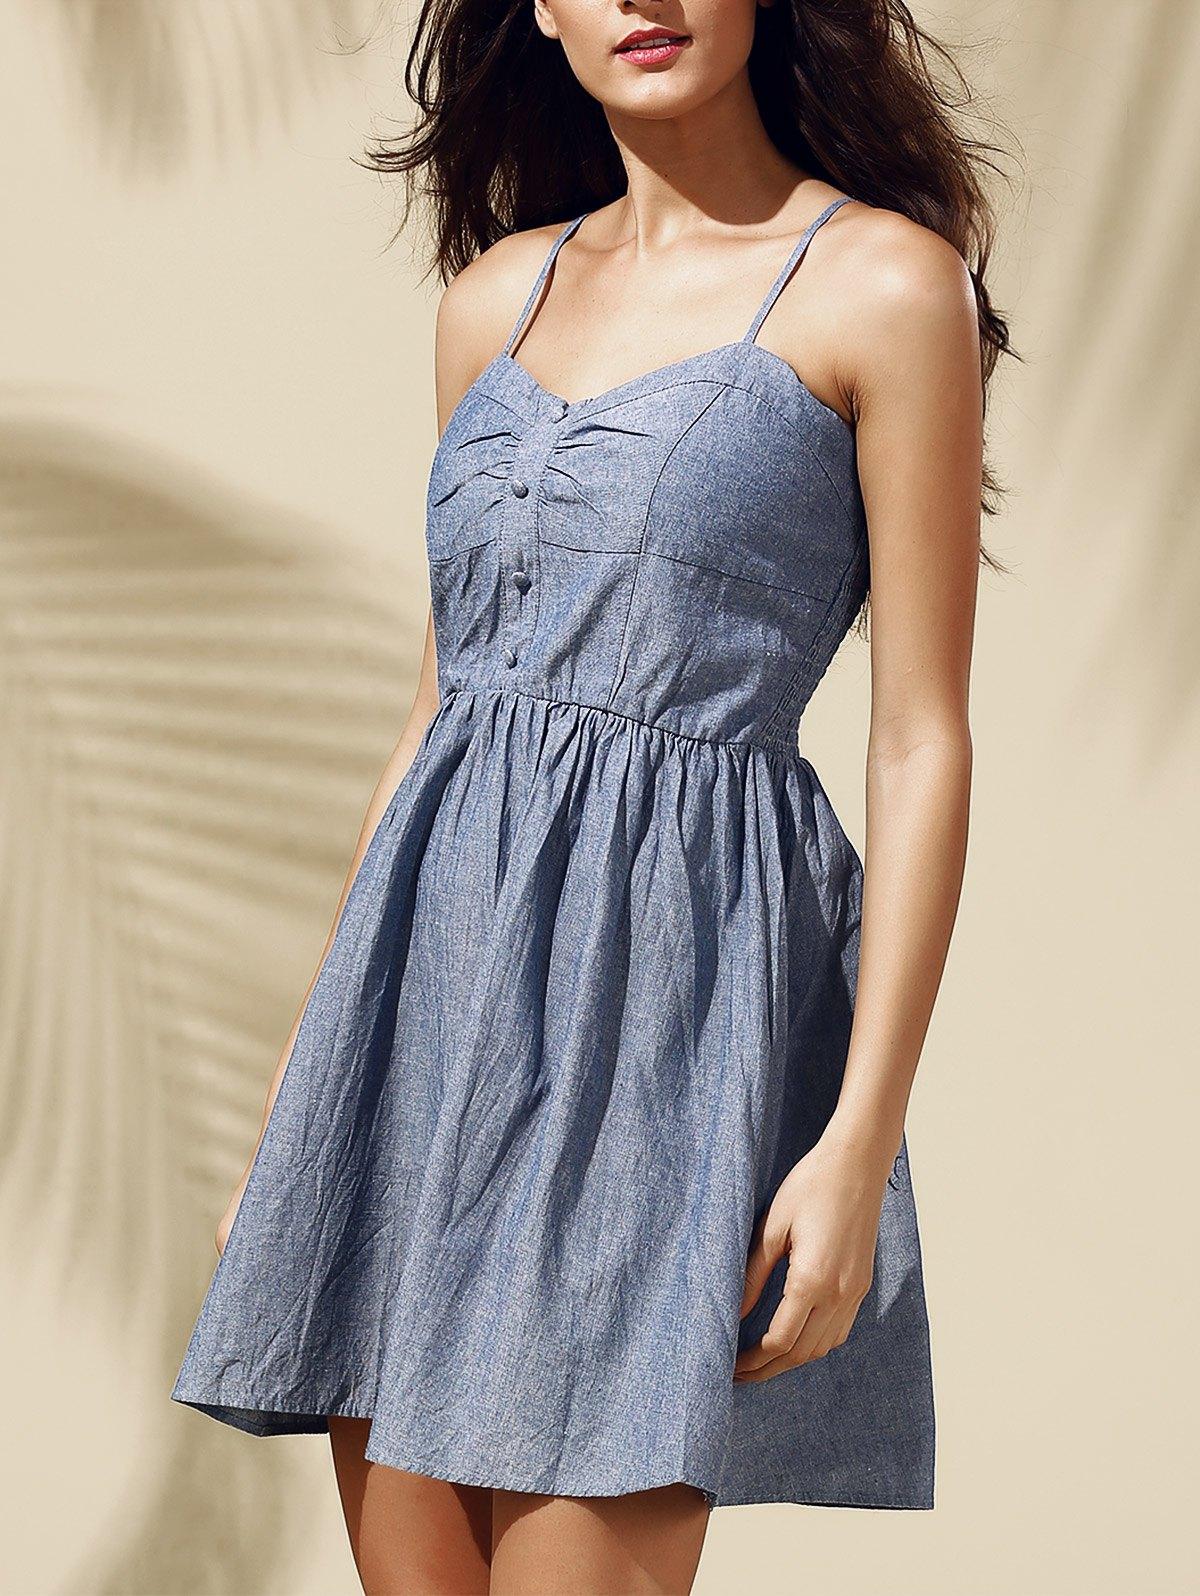 Sweet Buttoned High Waist Denim Dress For Women